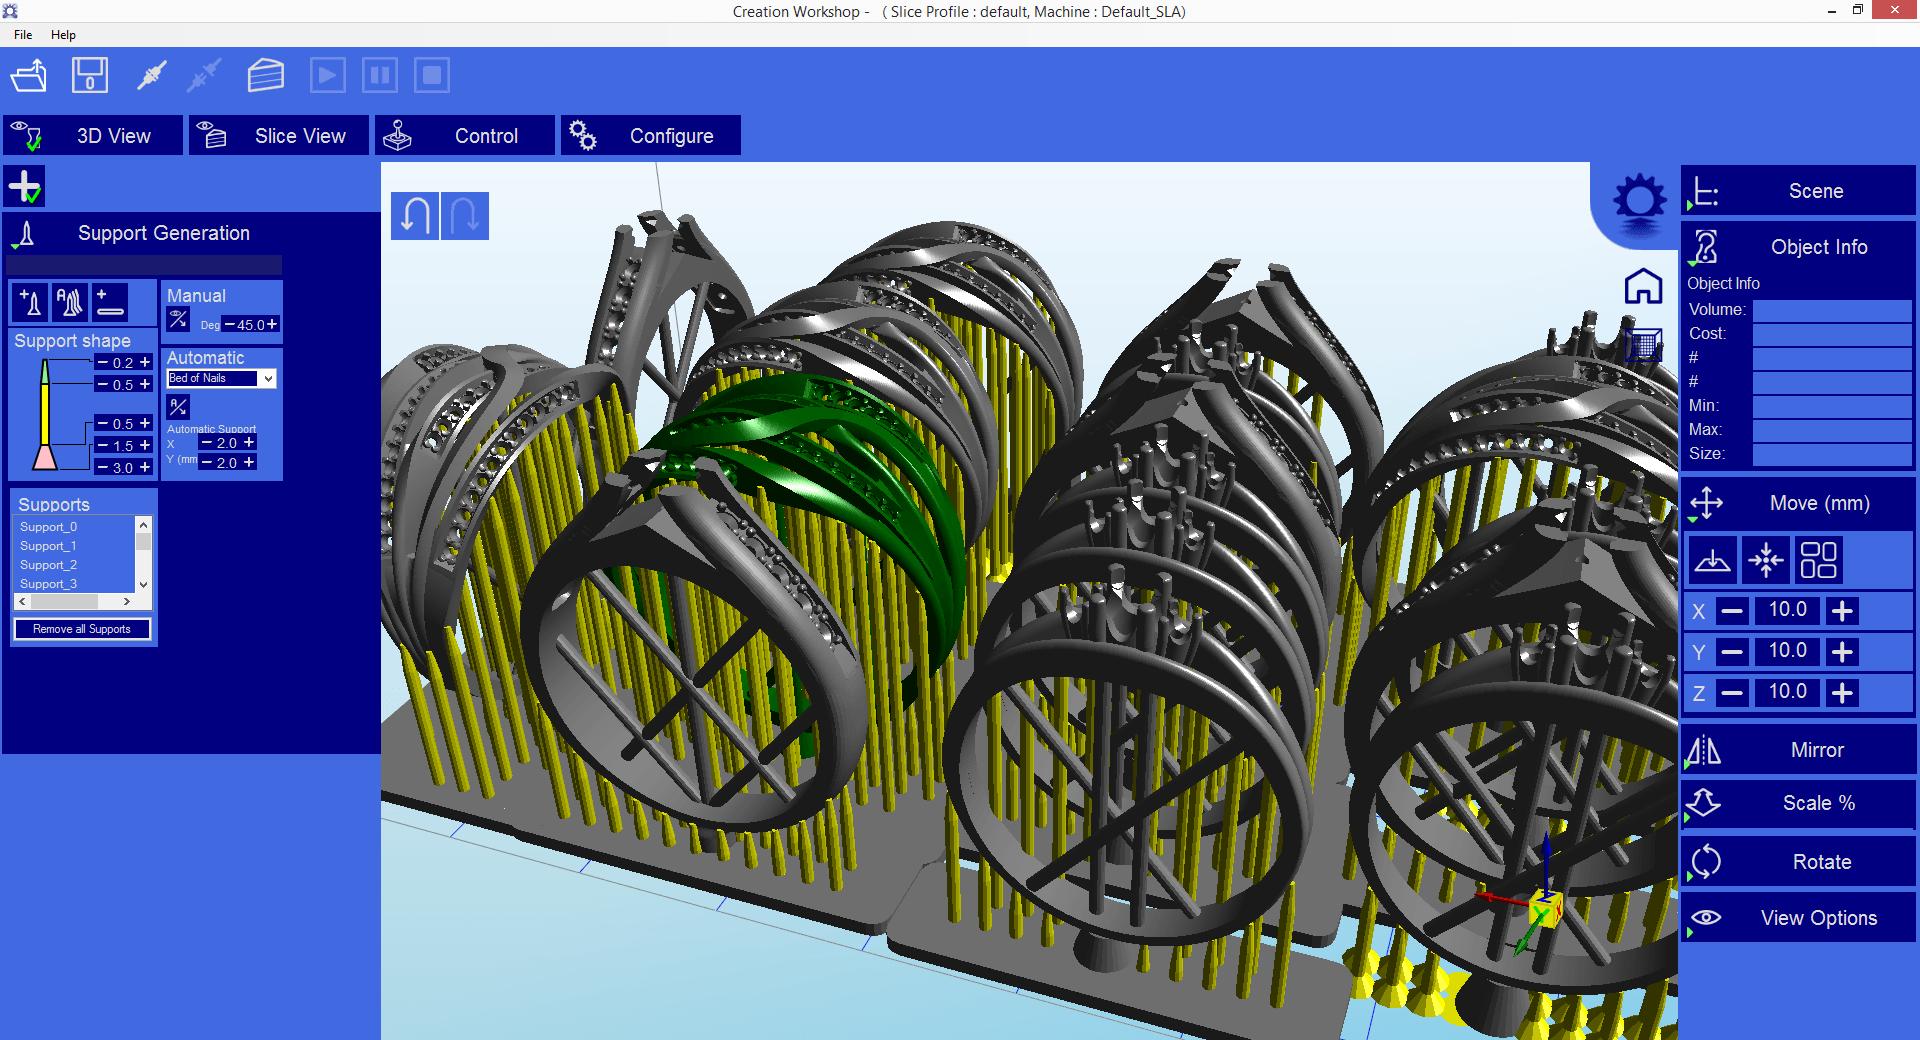 Какие программы можно использовать для 3D печати?